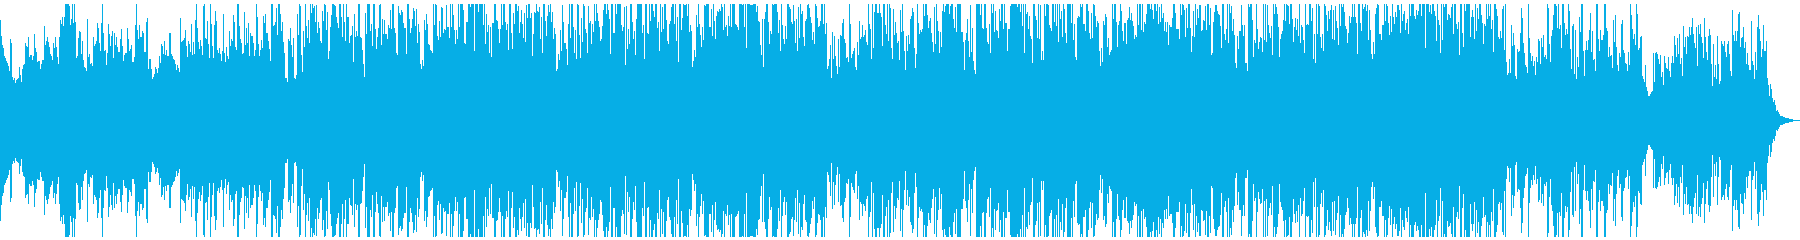 ソフトでアンビエント、それでもドラ...の再生済みの波形